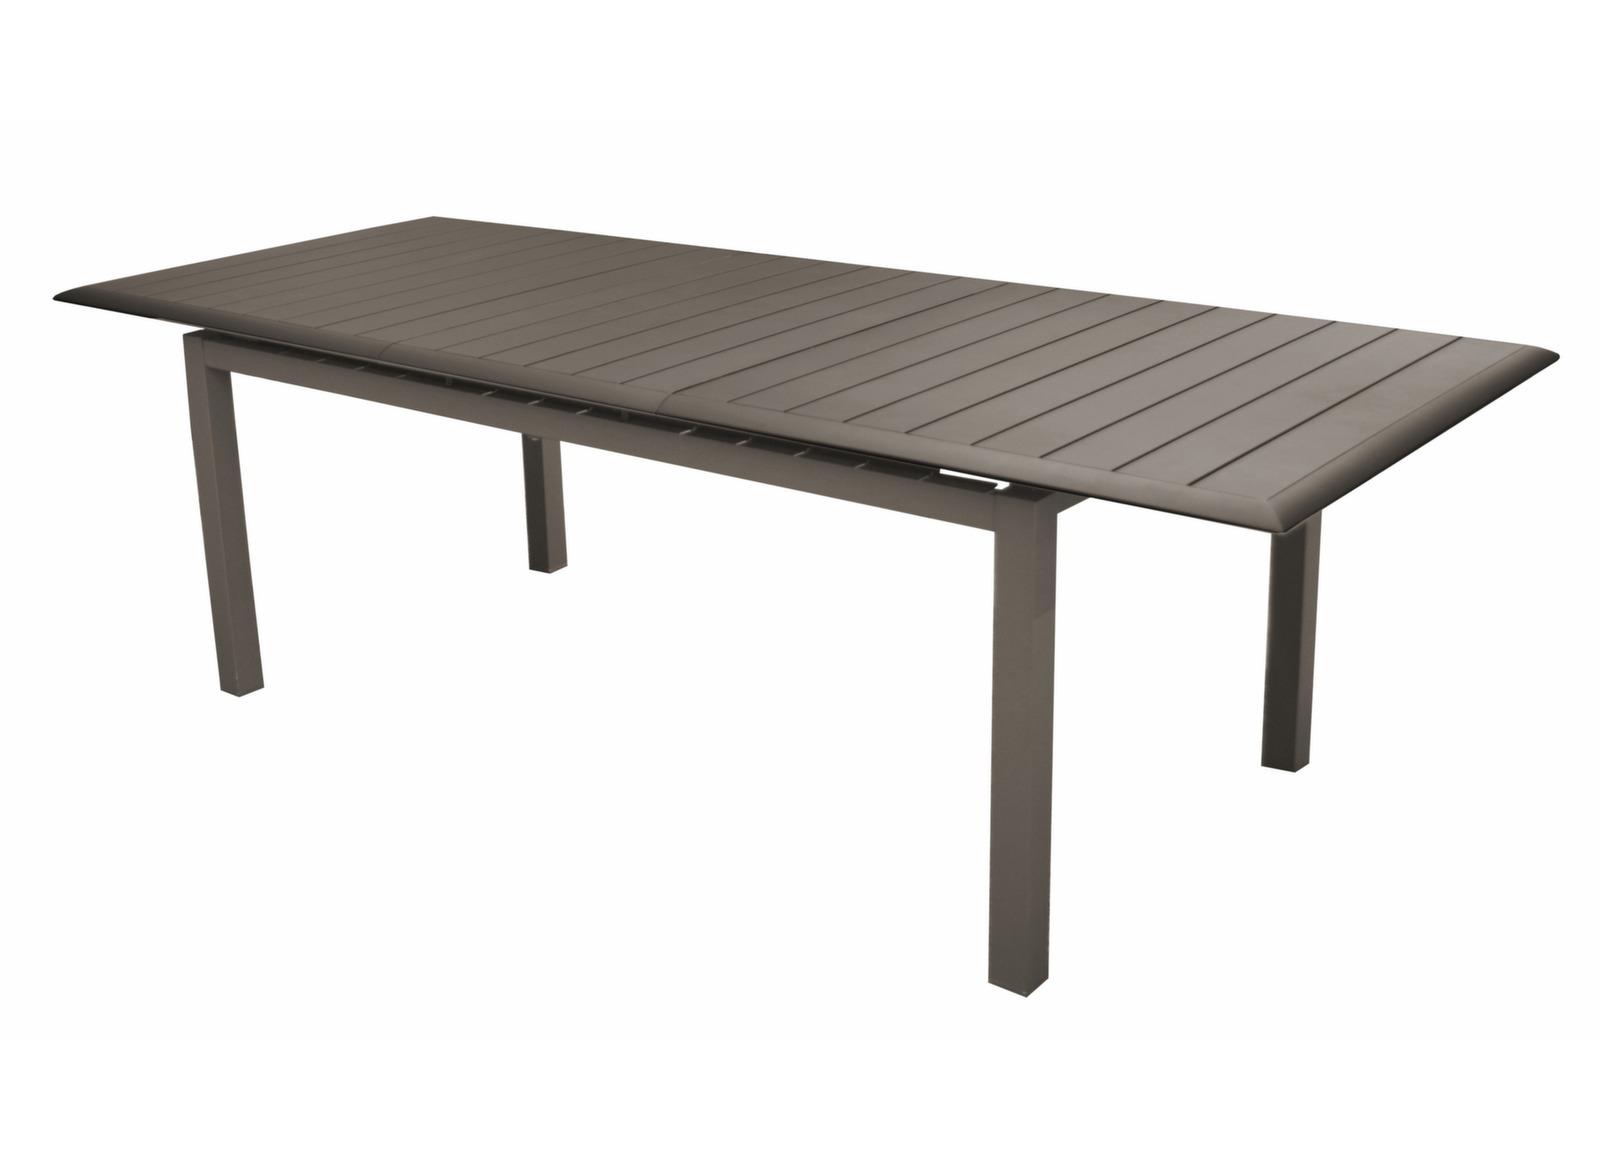 table de jardin louisiane 2 meubles jardin proloisirs. Black Bedroom Furniture Sets. Home Design Ideas